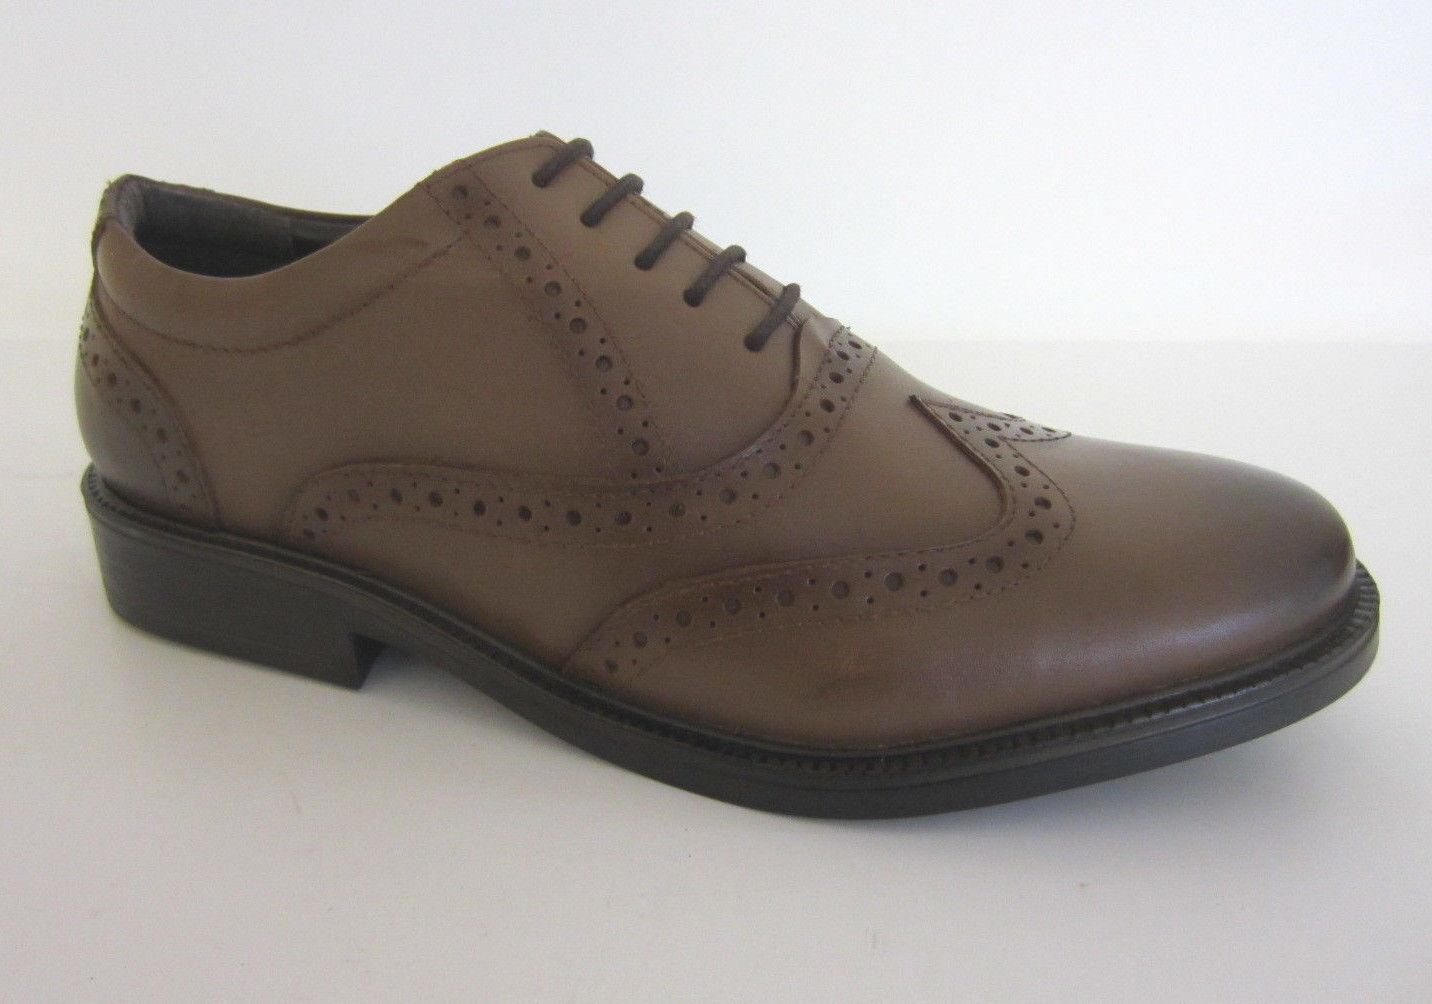 Hush color Puppies Acento De Rockford Zapatos piel color Hush canela tamaños 6-11 (r11b) 11980c